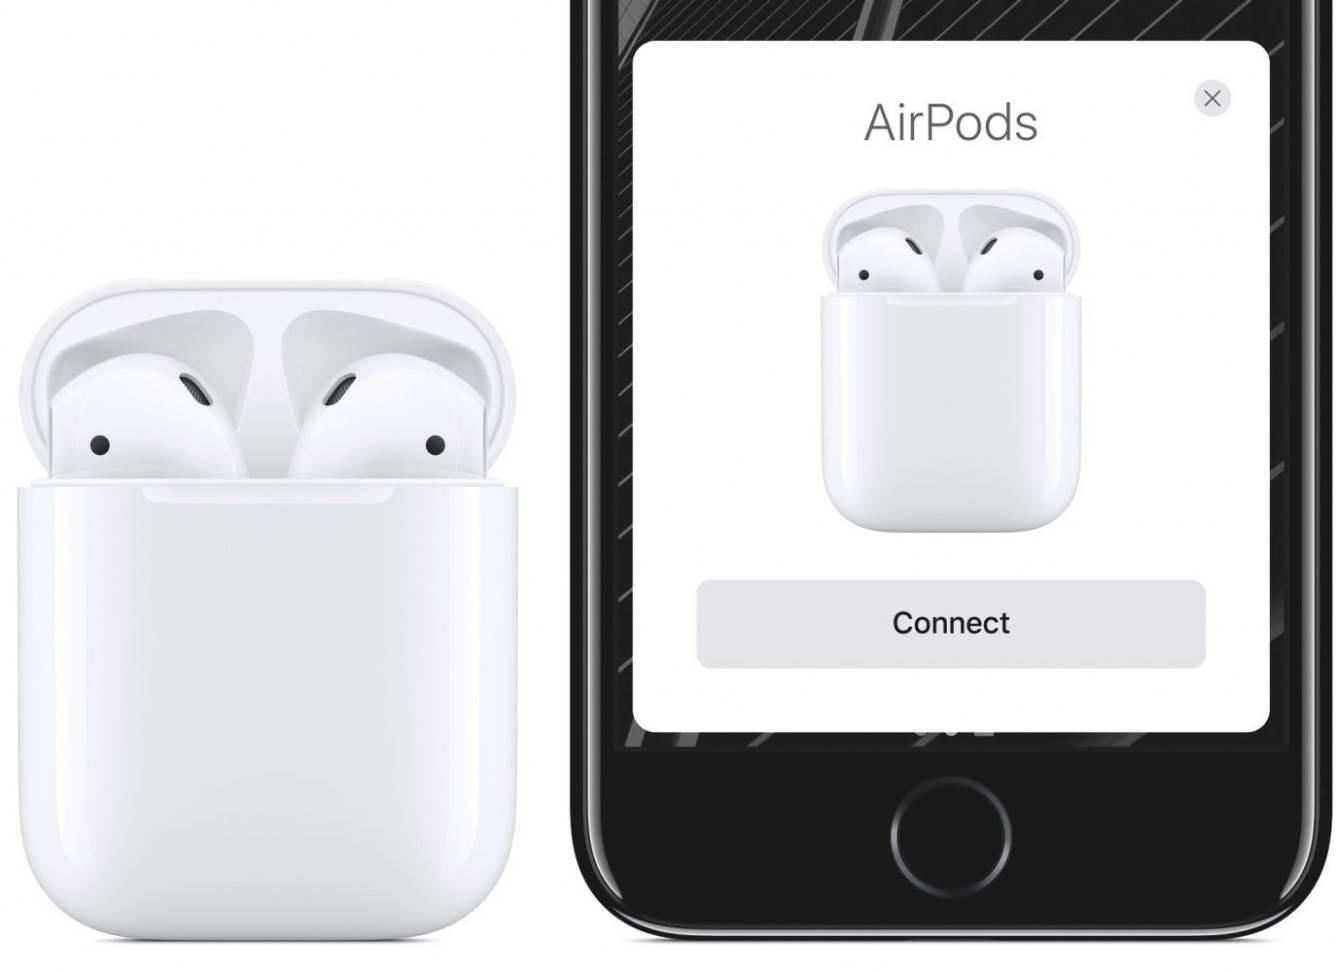 Nowy interfejs parowania smartfona ze słuchawkami w Android jest łudząco podobny do tego z iOS polecane, ciekawostki iOS  Google zmieniło interfejs funkcji Fast Pair do szybkiego parowania smartfonów ze słuchawkami - teraz powiadomienie o połączeniu wygląda tak samo jak to z iOS. w1 chip airpods